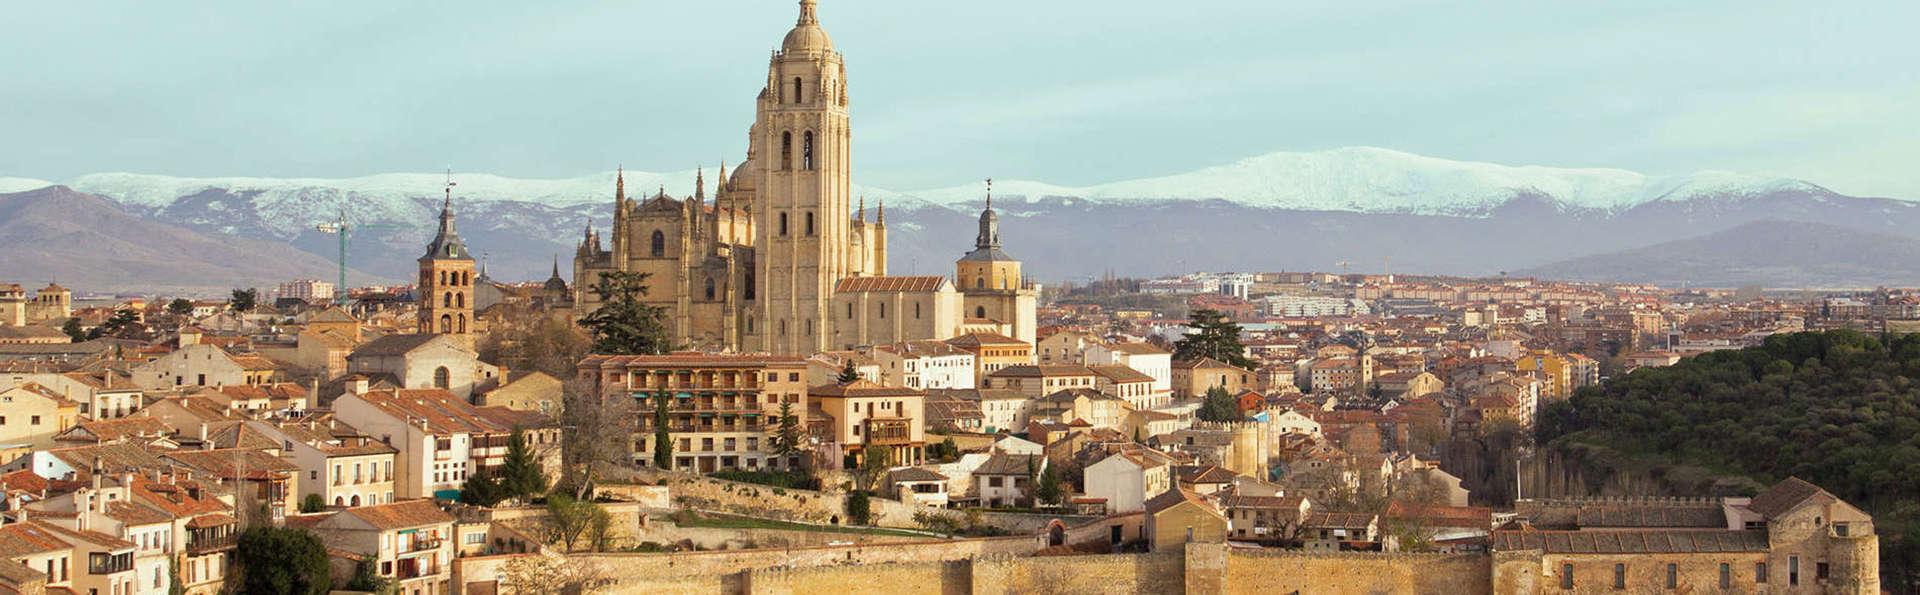 Escapada cultural en Segovia con entradas para el Palacio de la Granja